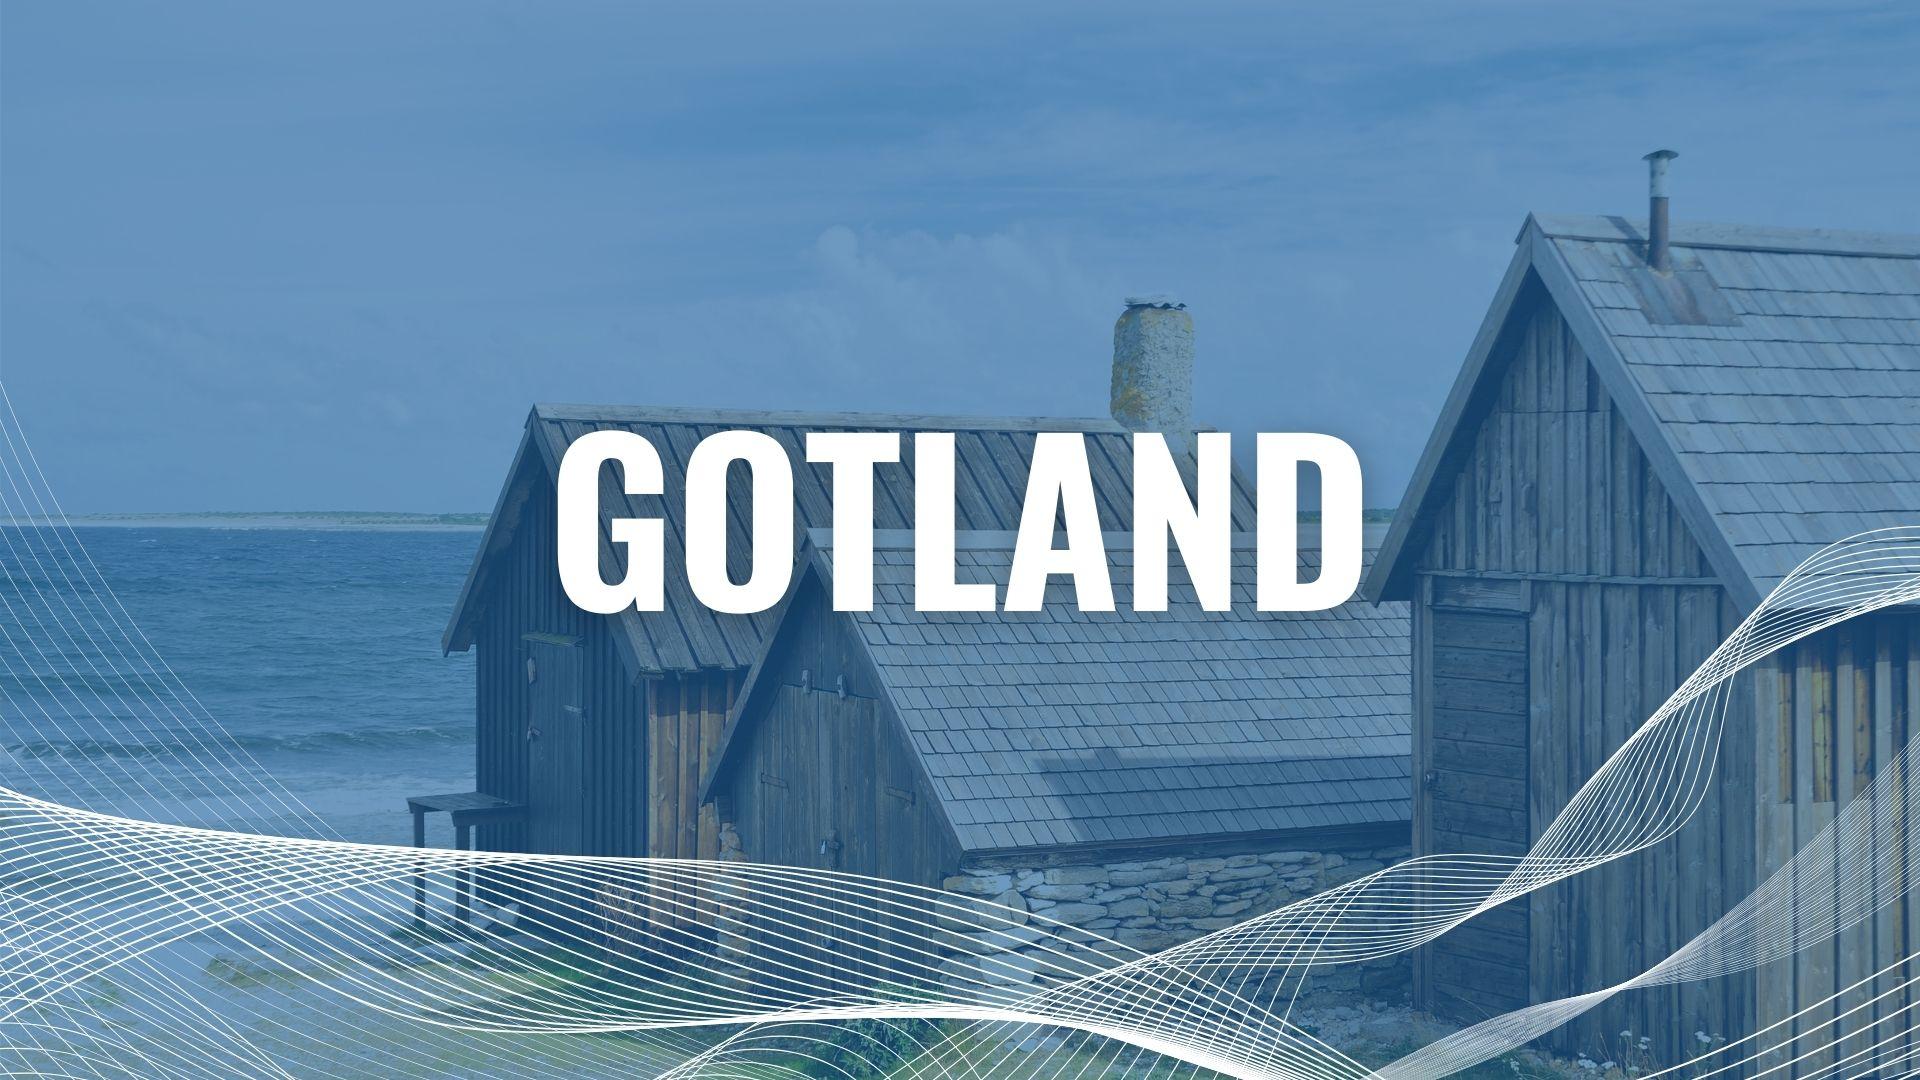 Urlaub mit der Fähre auf Gotland